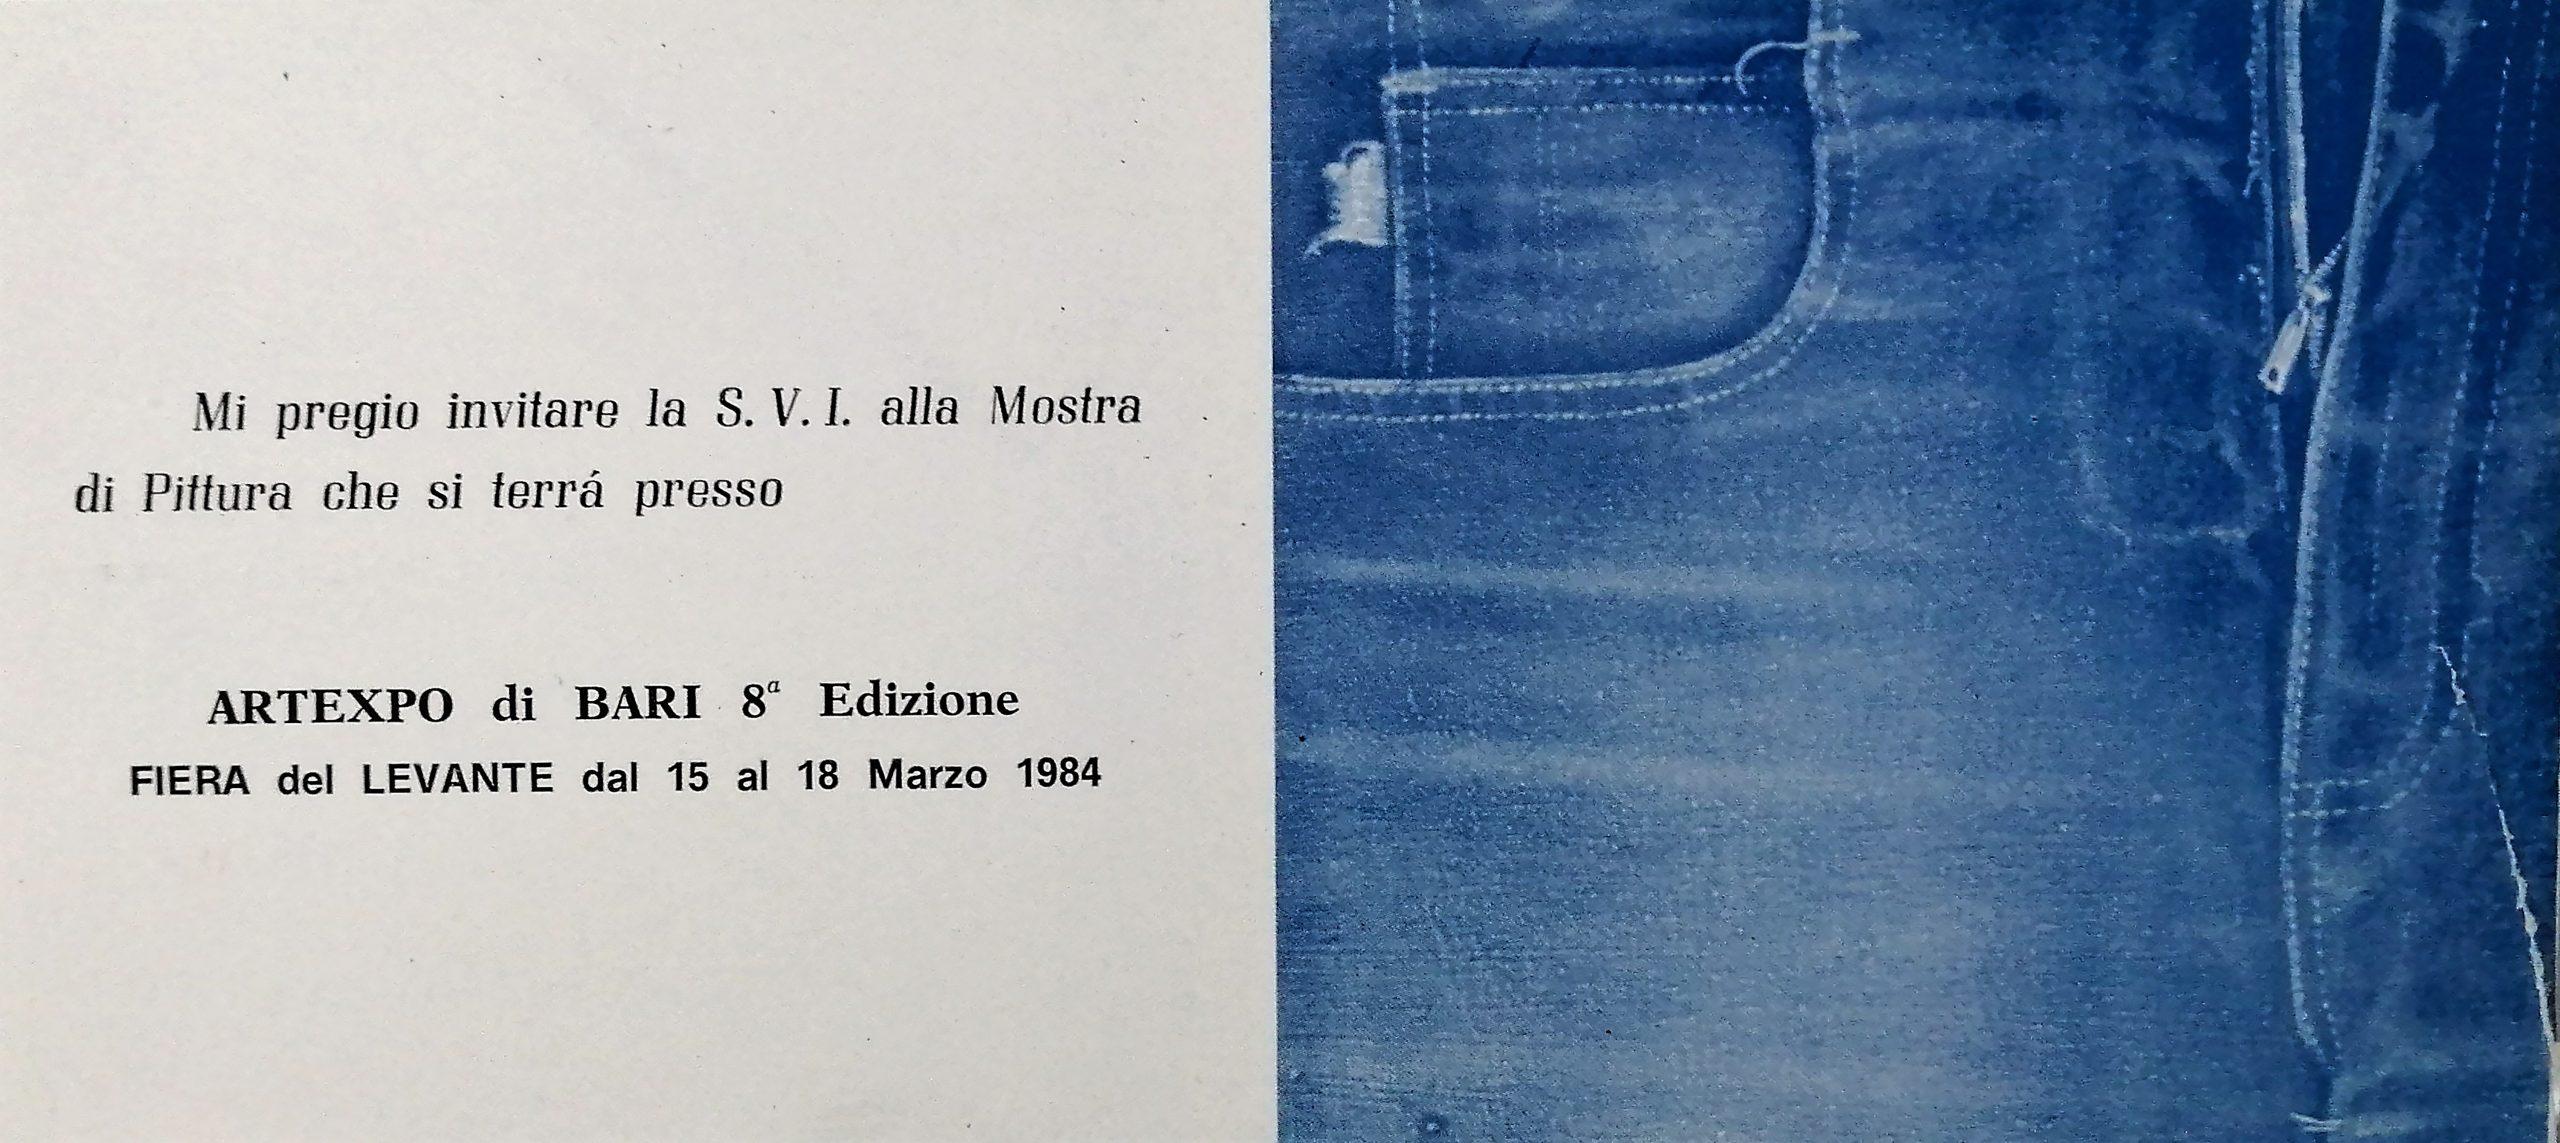 1984 8a ARTEXPO di Bari Fiera del Levante scaled - Bibliography/ Catalogues